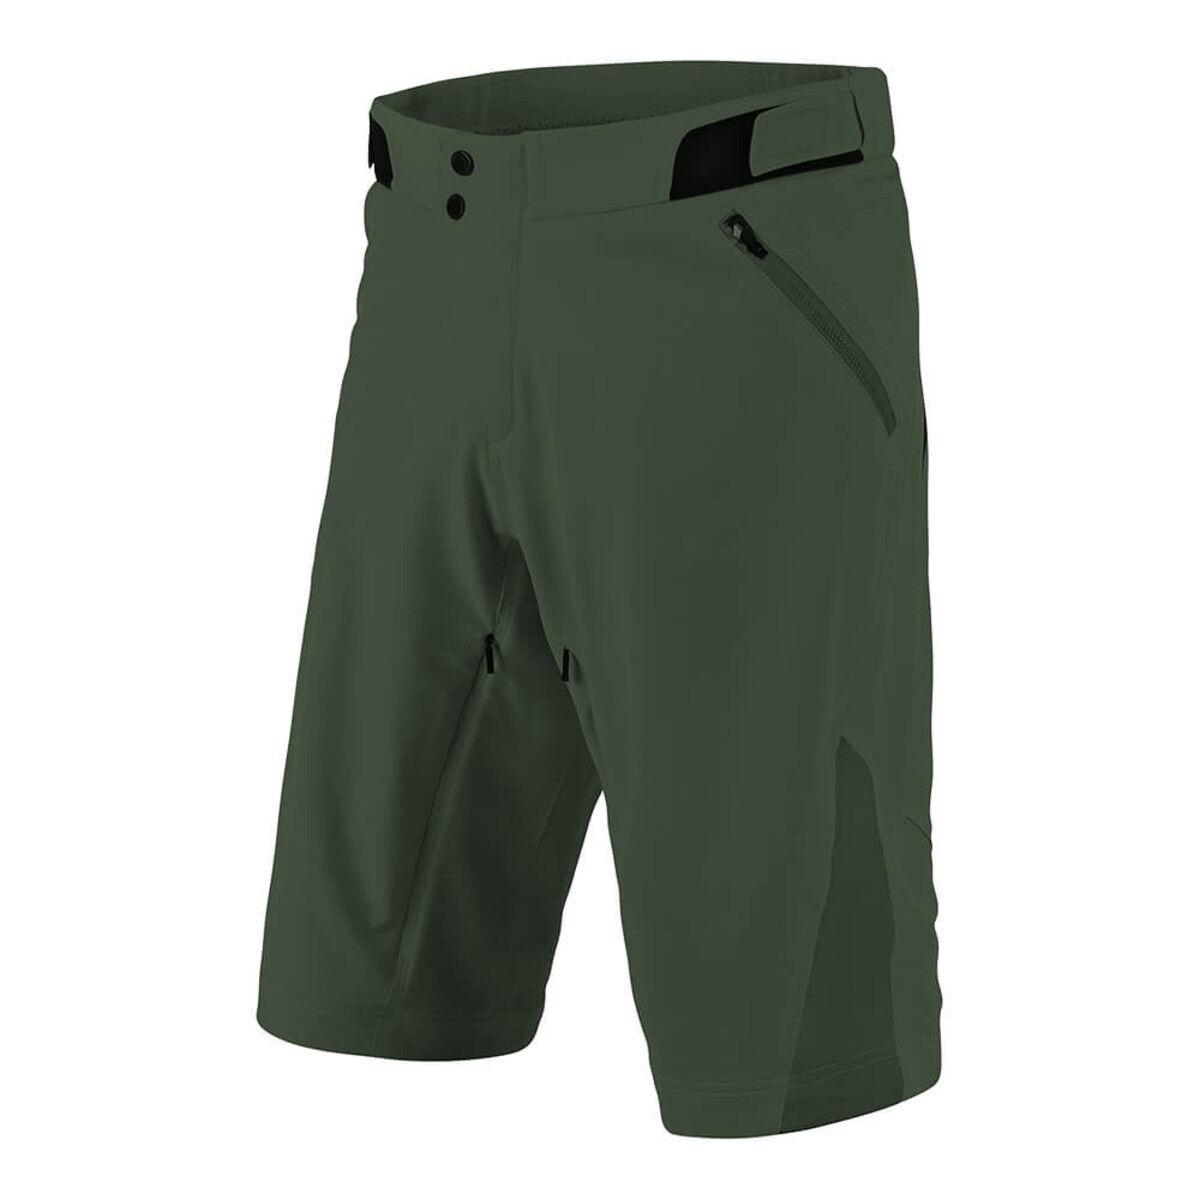 Troy Lee Designs Ruckus corto Pantalones cortos de bicicleta de montaña Concha, Trooper 34